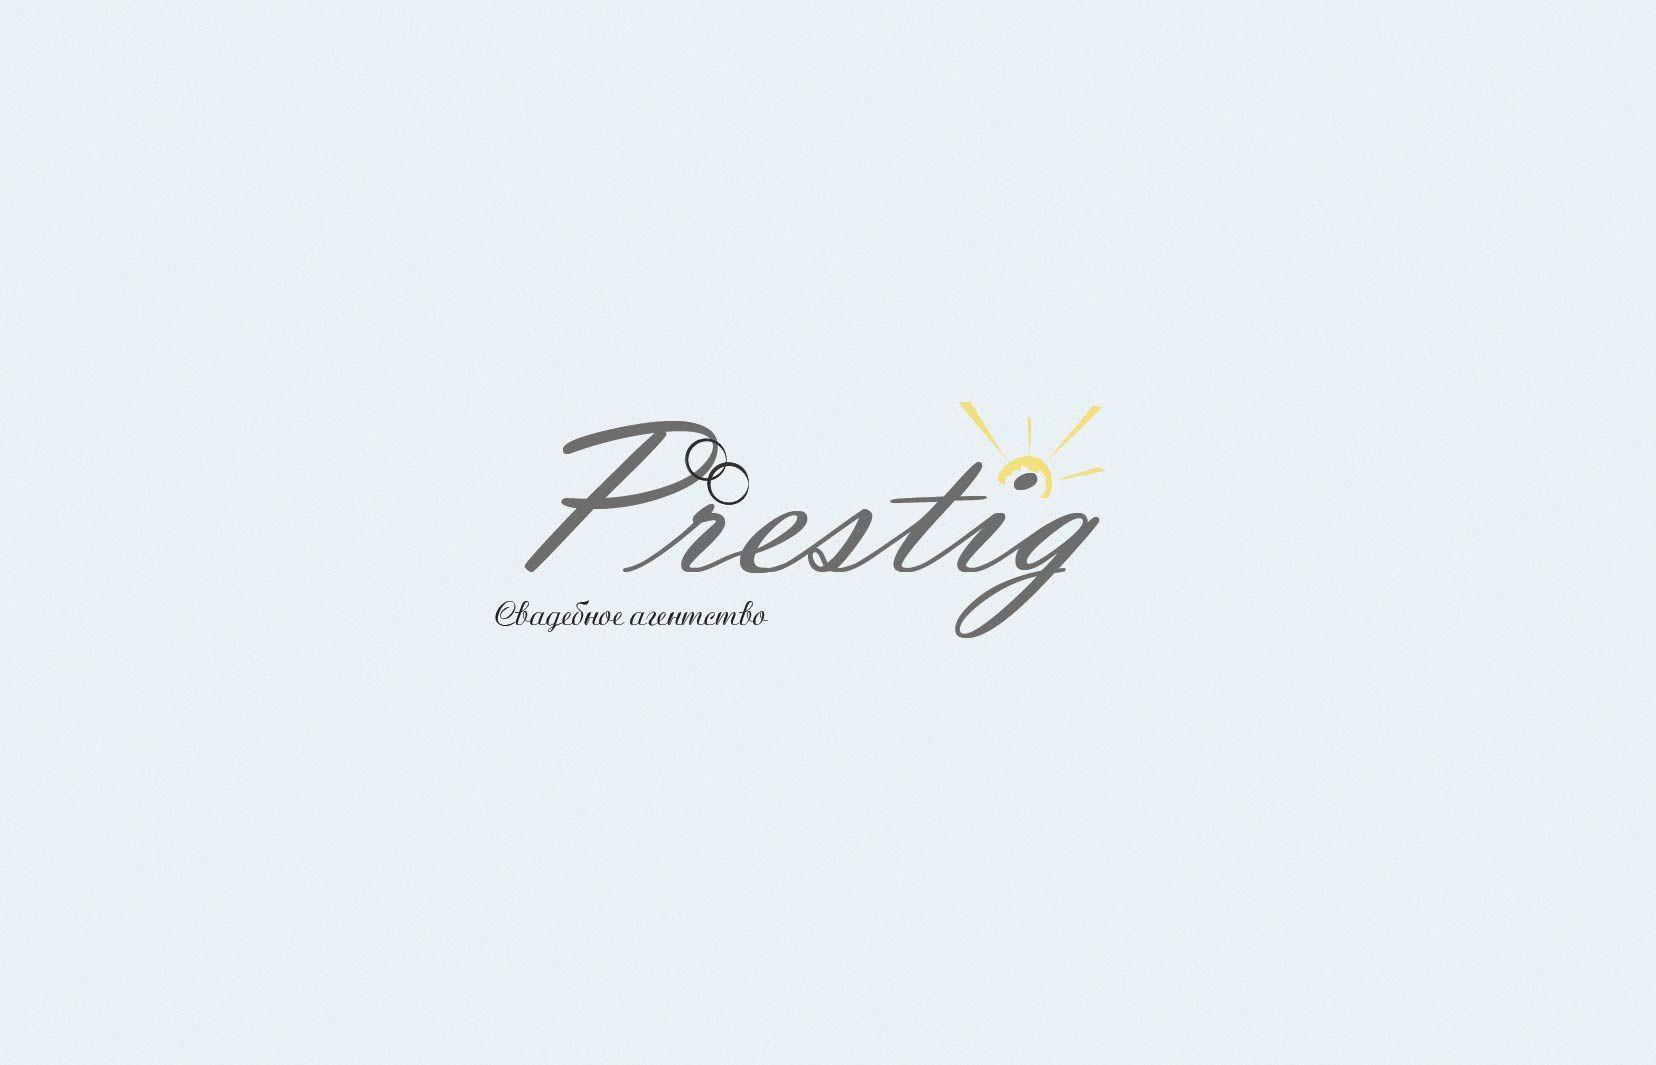 Логотип для свадебного агентства Prestige - дизайнер natavishes